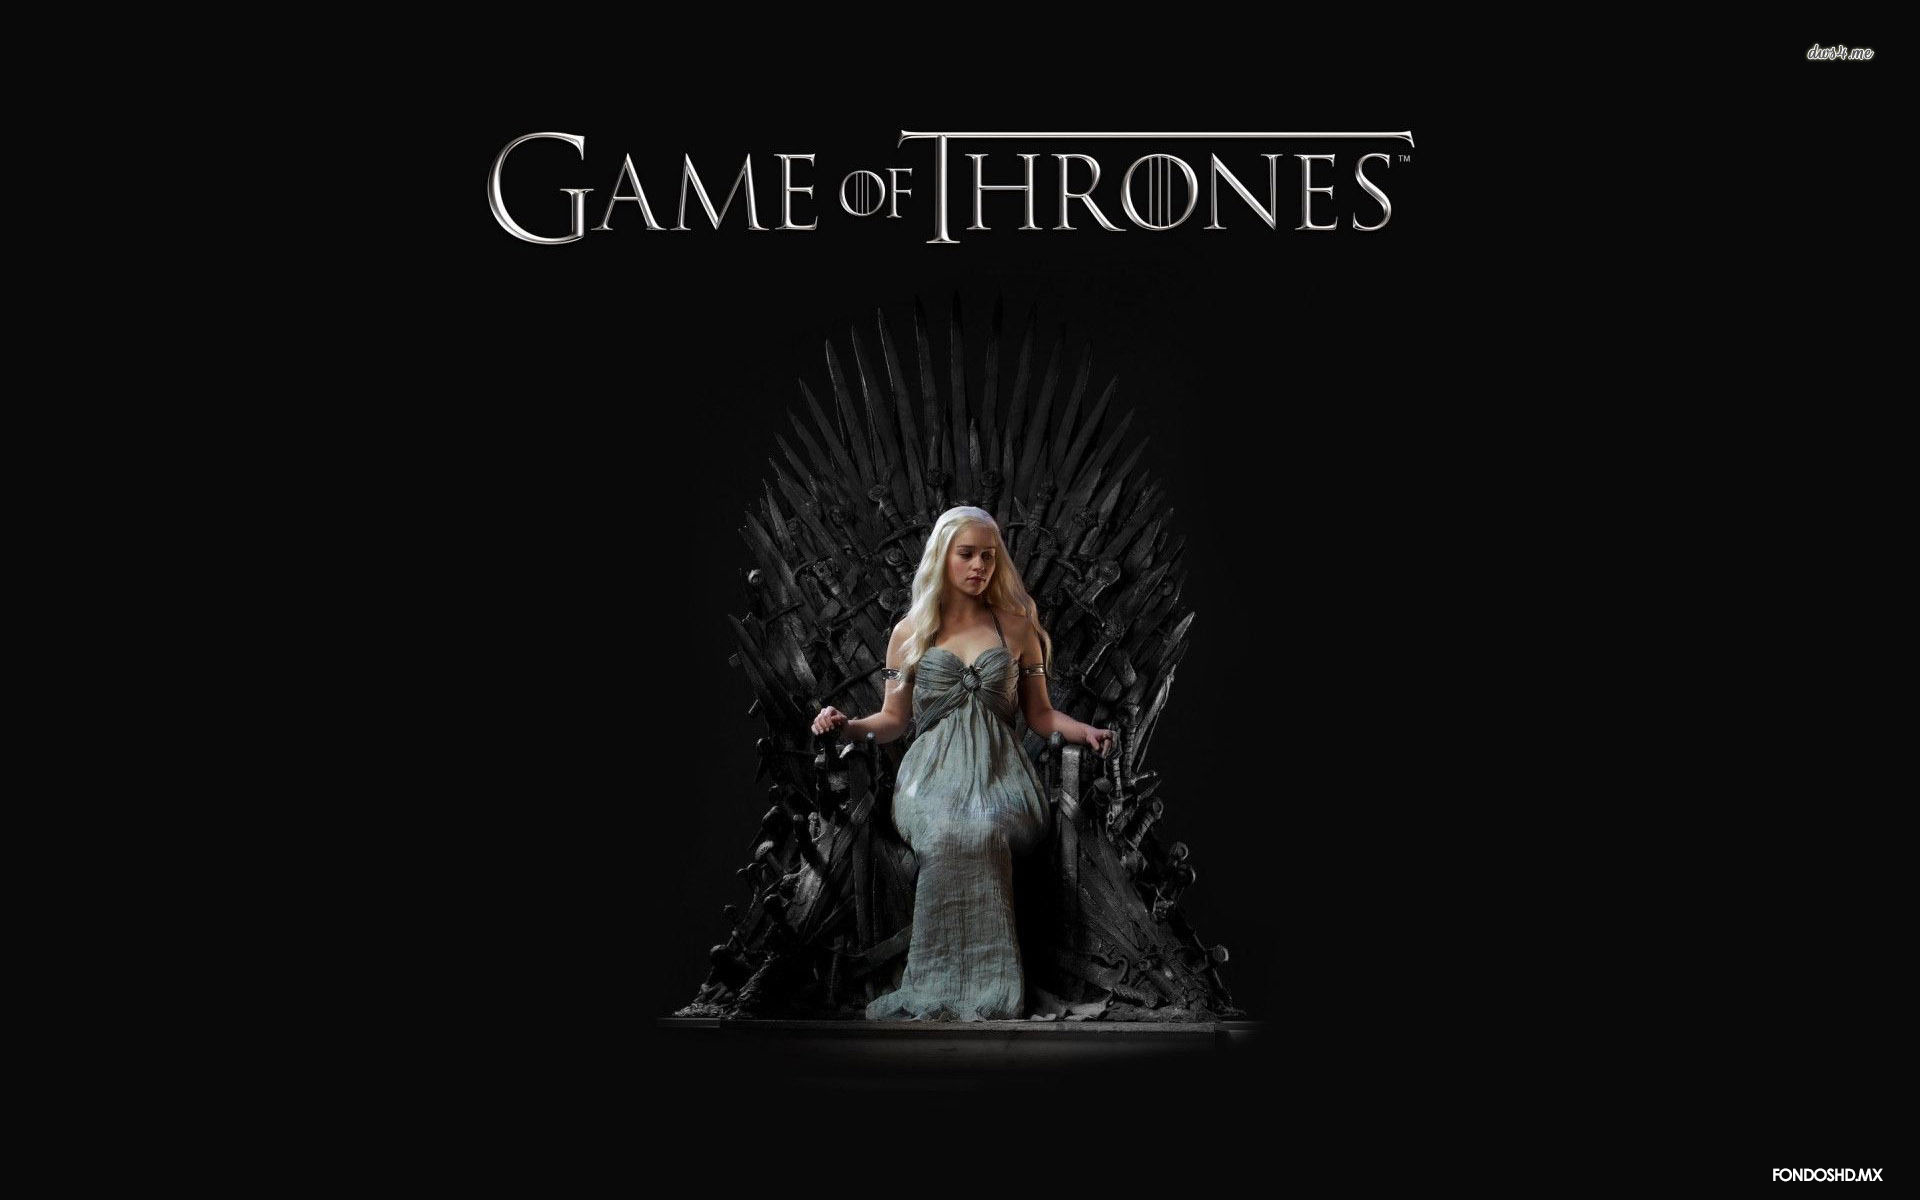 Daenerys Sentada en el Trono de Hierro 1920x1200   Fondo hd 3585 1920x1200